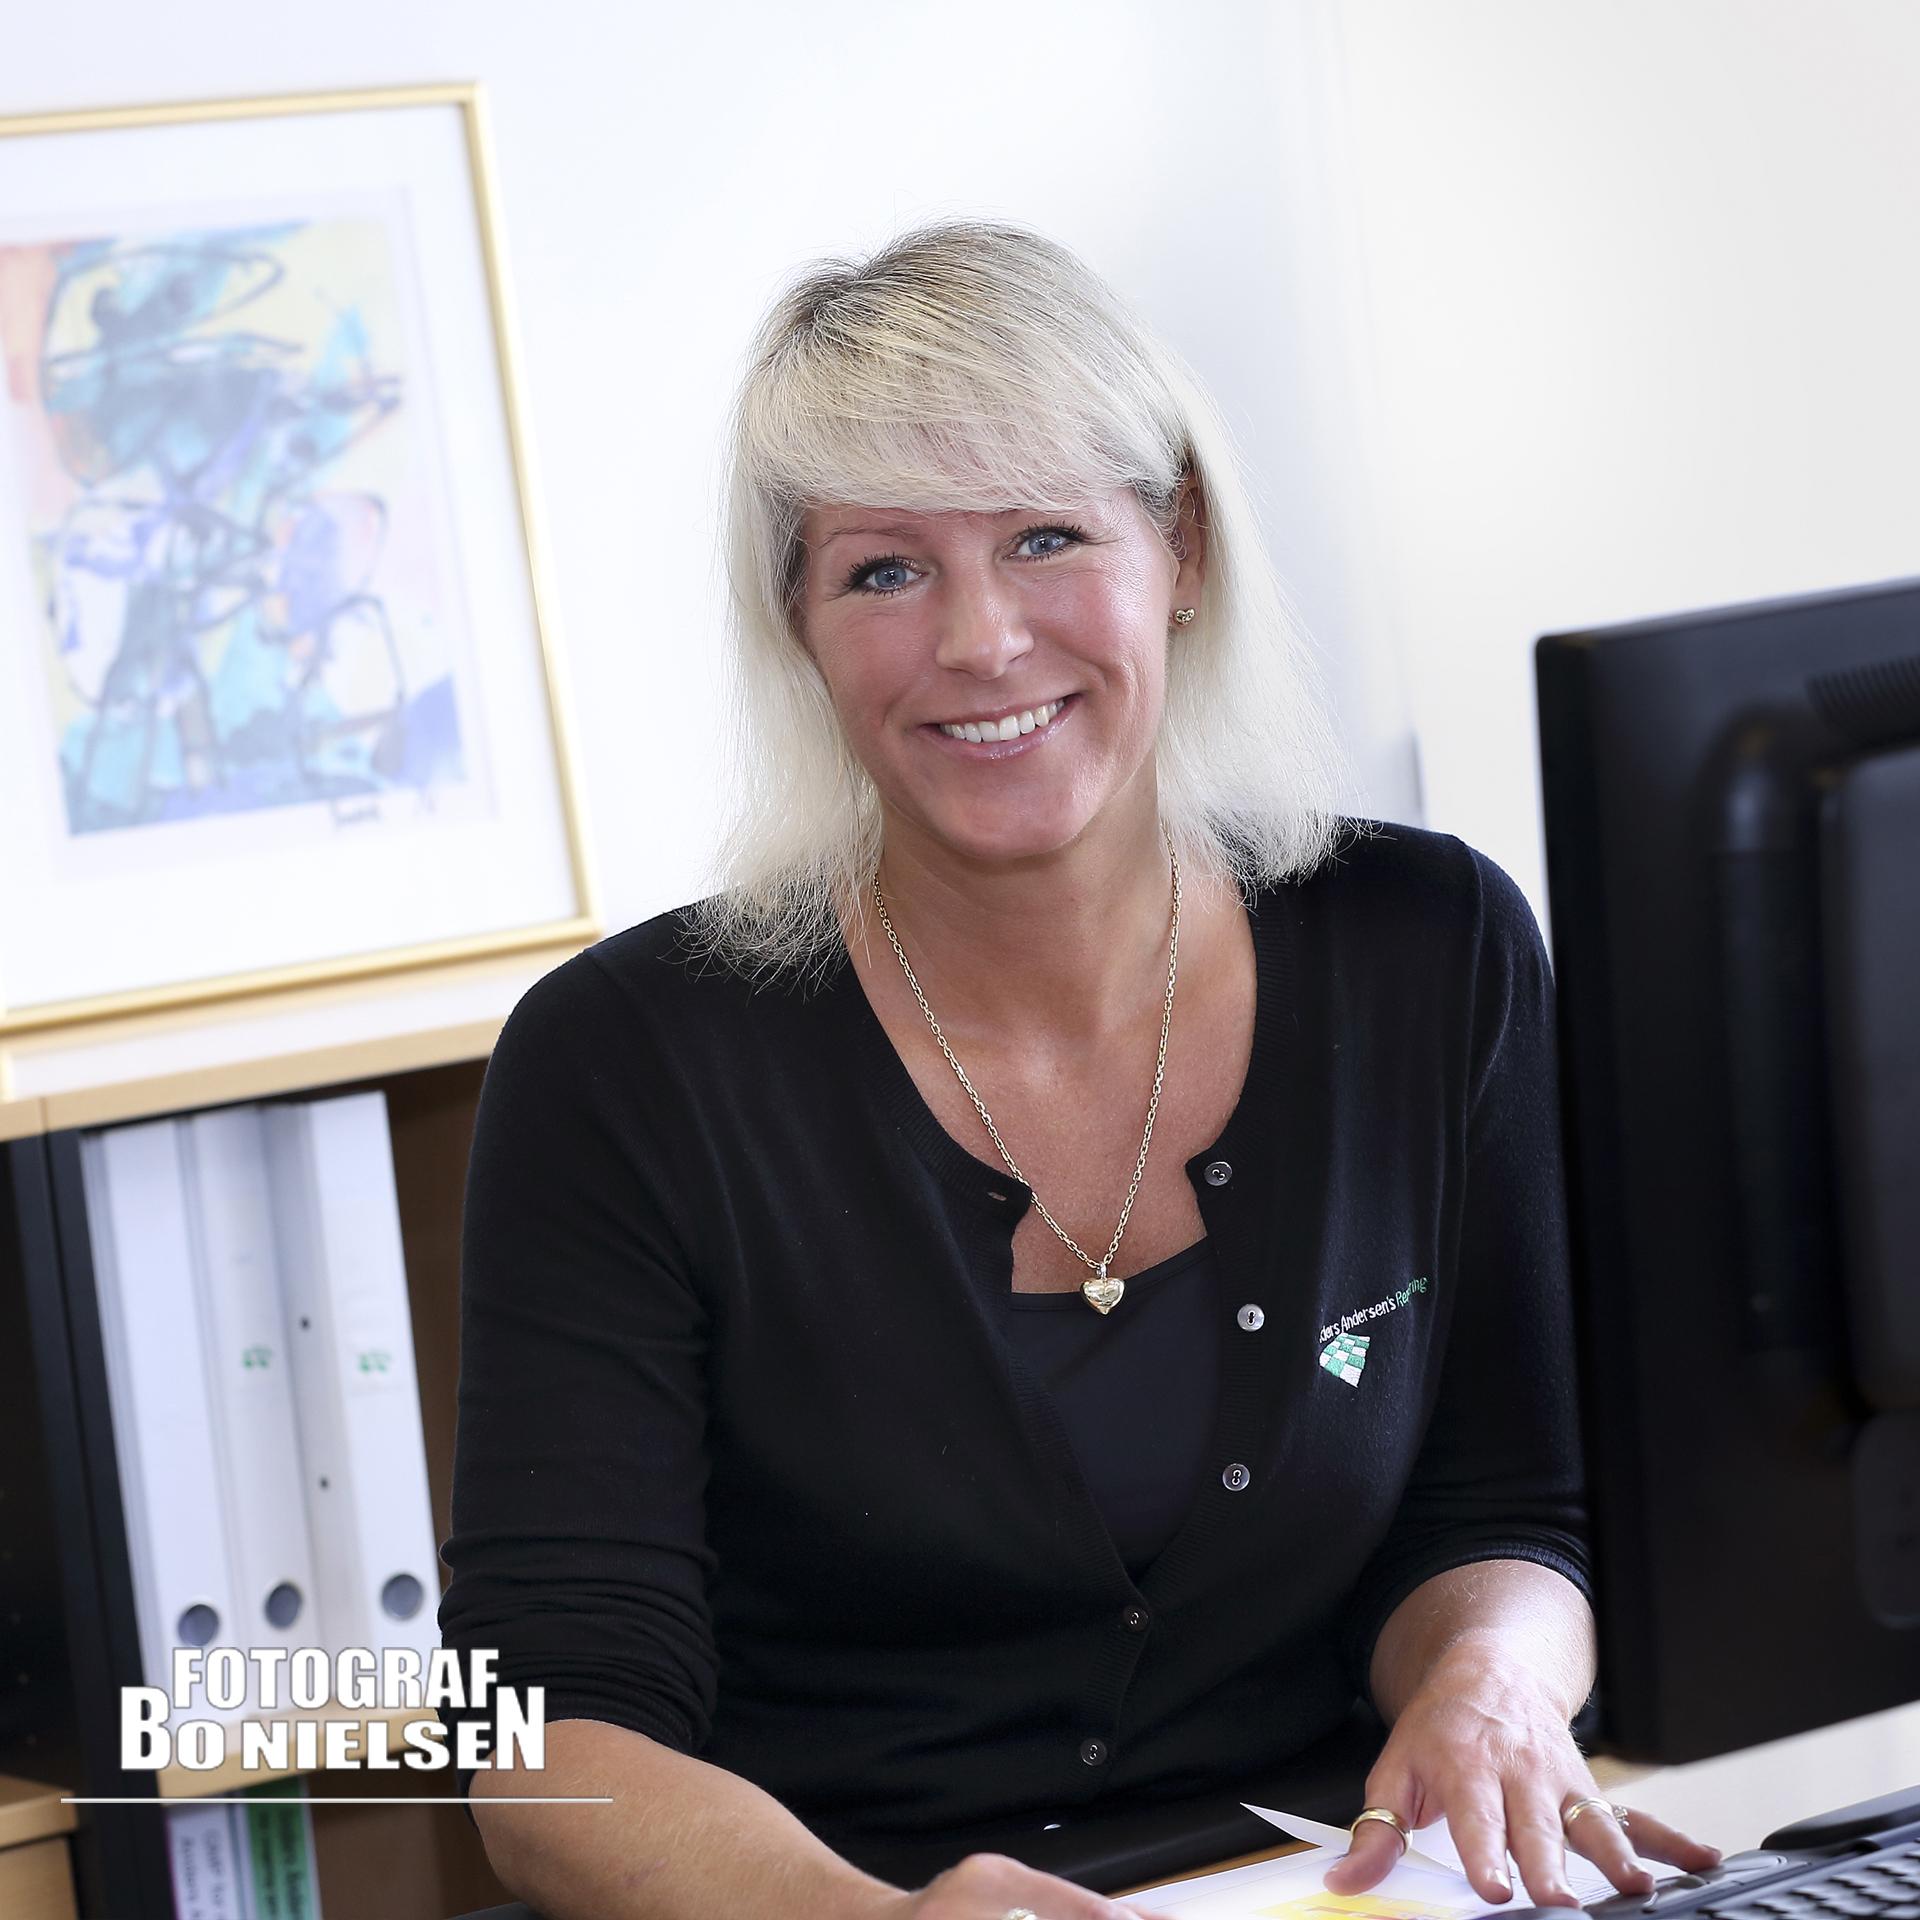 Fotografering til erhvervs portræt, fotograf Kolding, personale billeder fotograferet onlocation af Fotograf Bo Nielsen